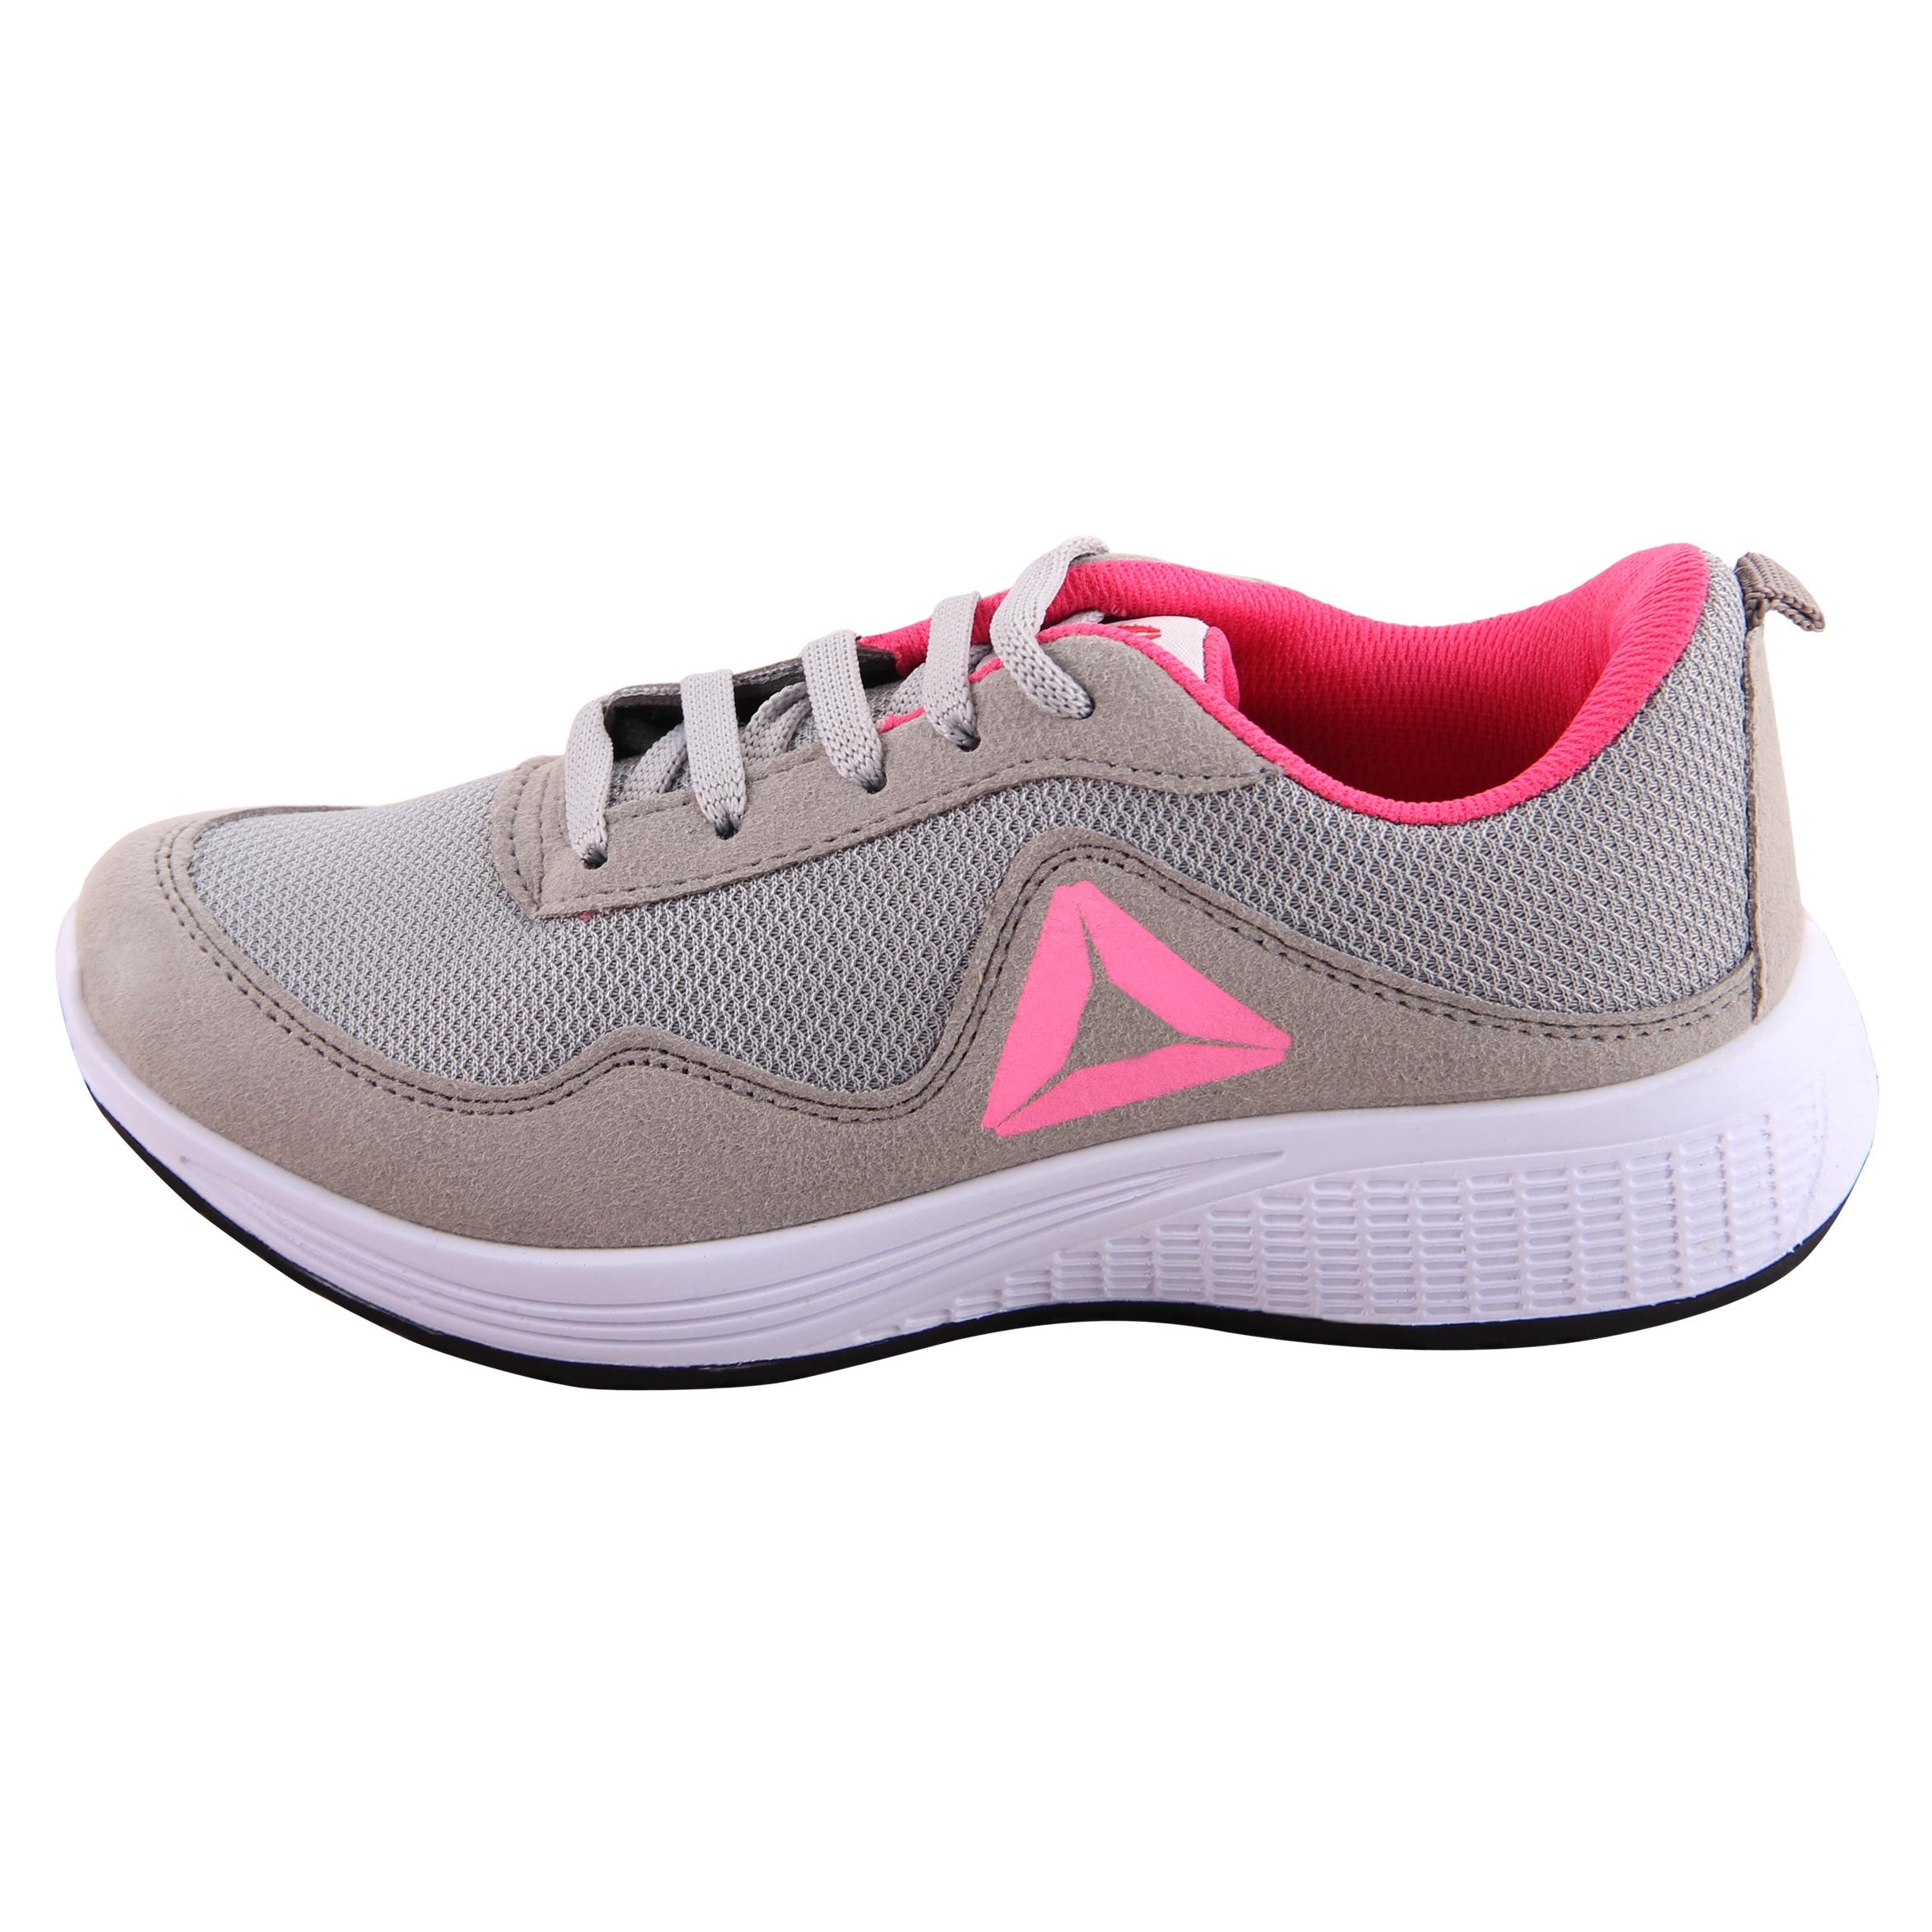 کفش مخصوص پیاده روی زنانه کد 88-39718